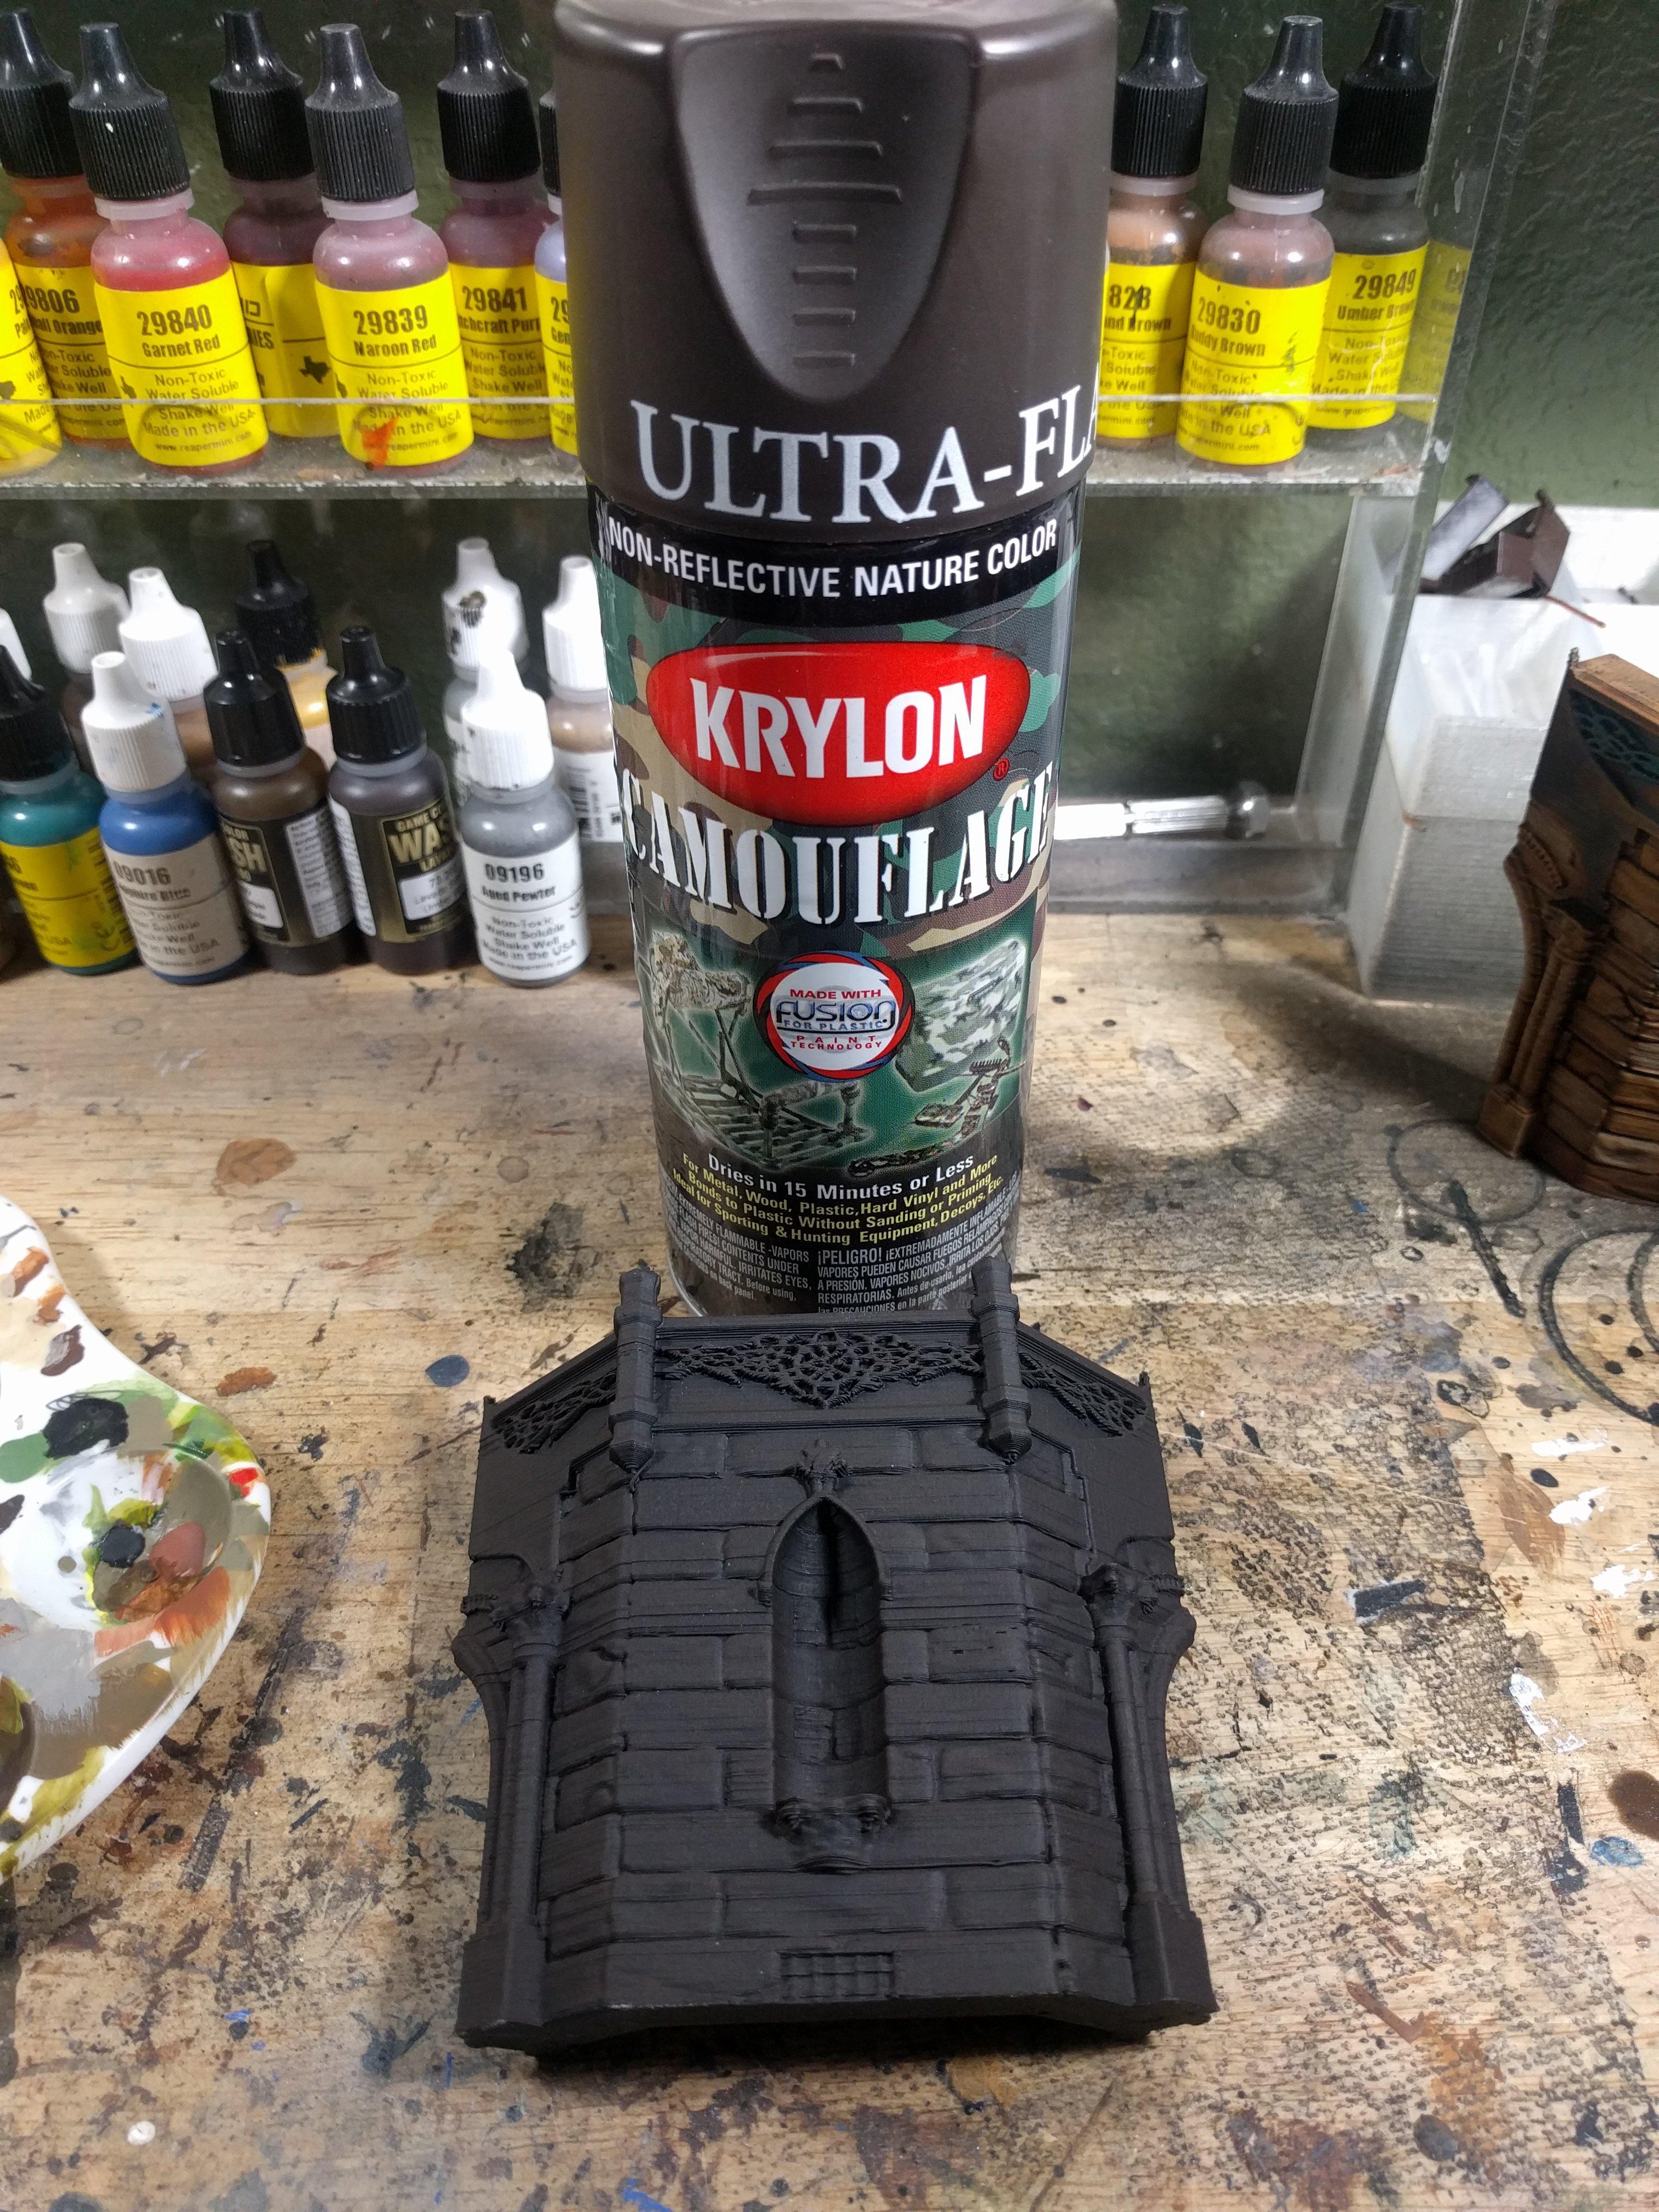 Krylon Ultra Flat Black Paint